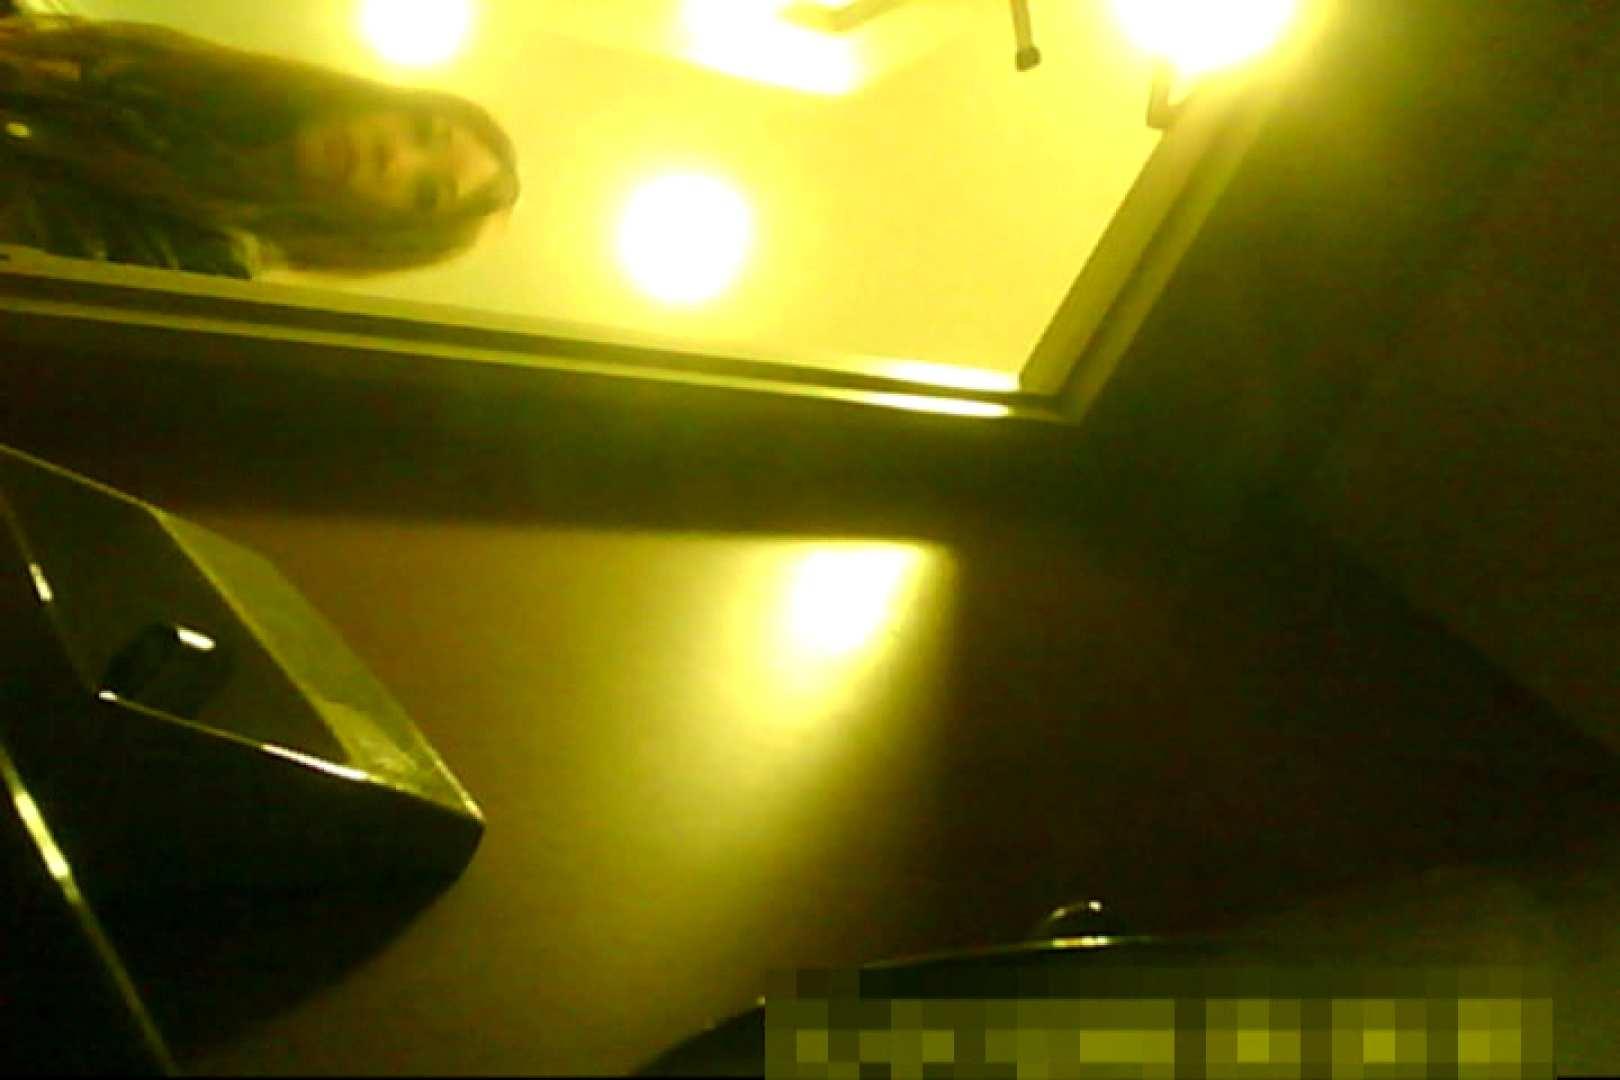 魅惑の化粧室~禁断のプライベート空間~19 プライベート  84画像 30